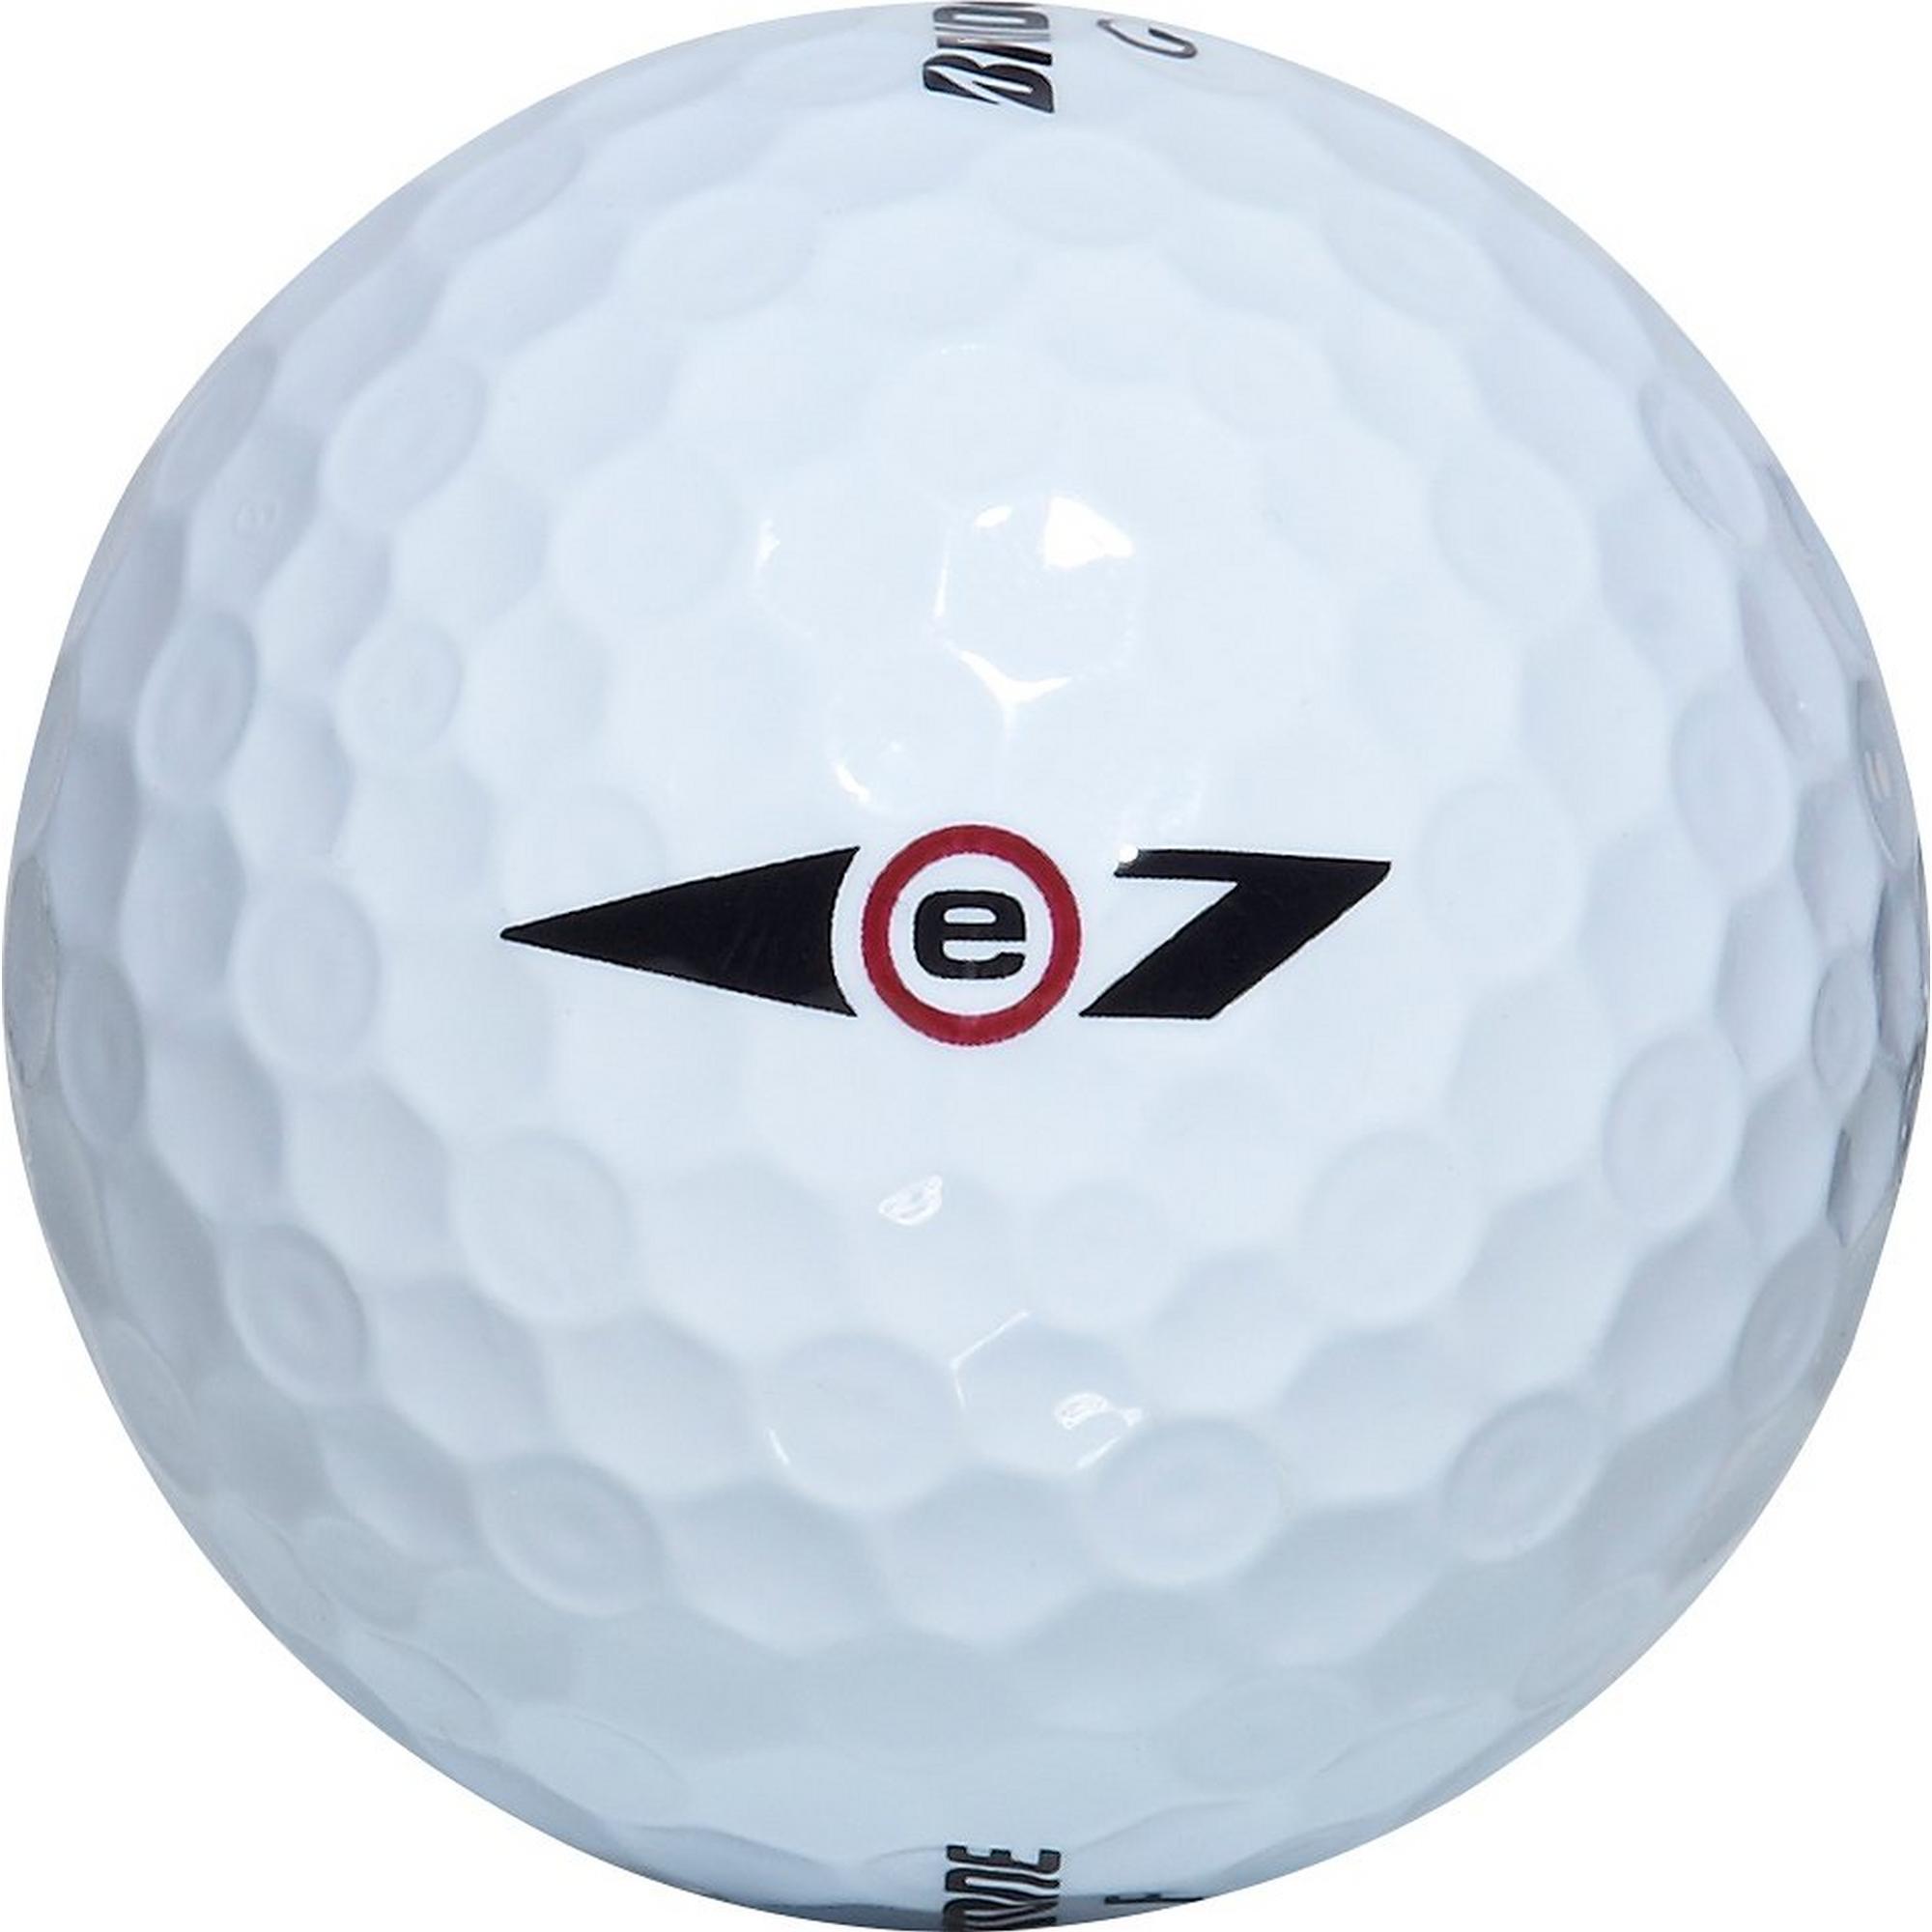 Balles e7